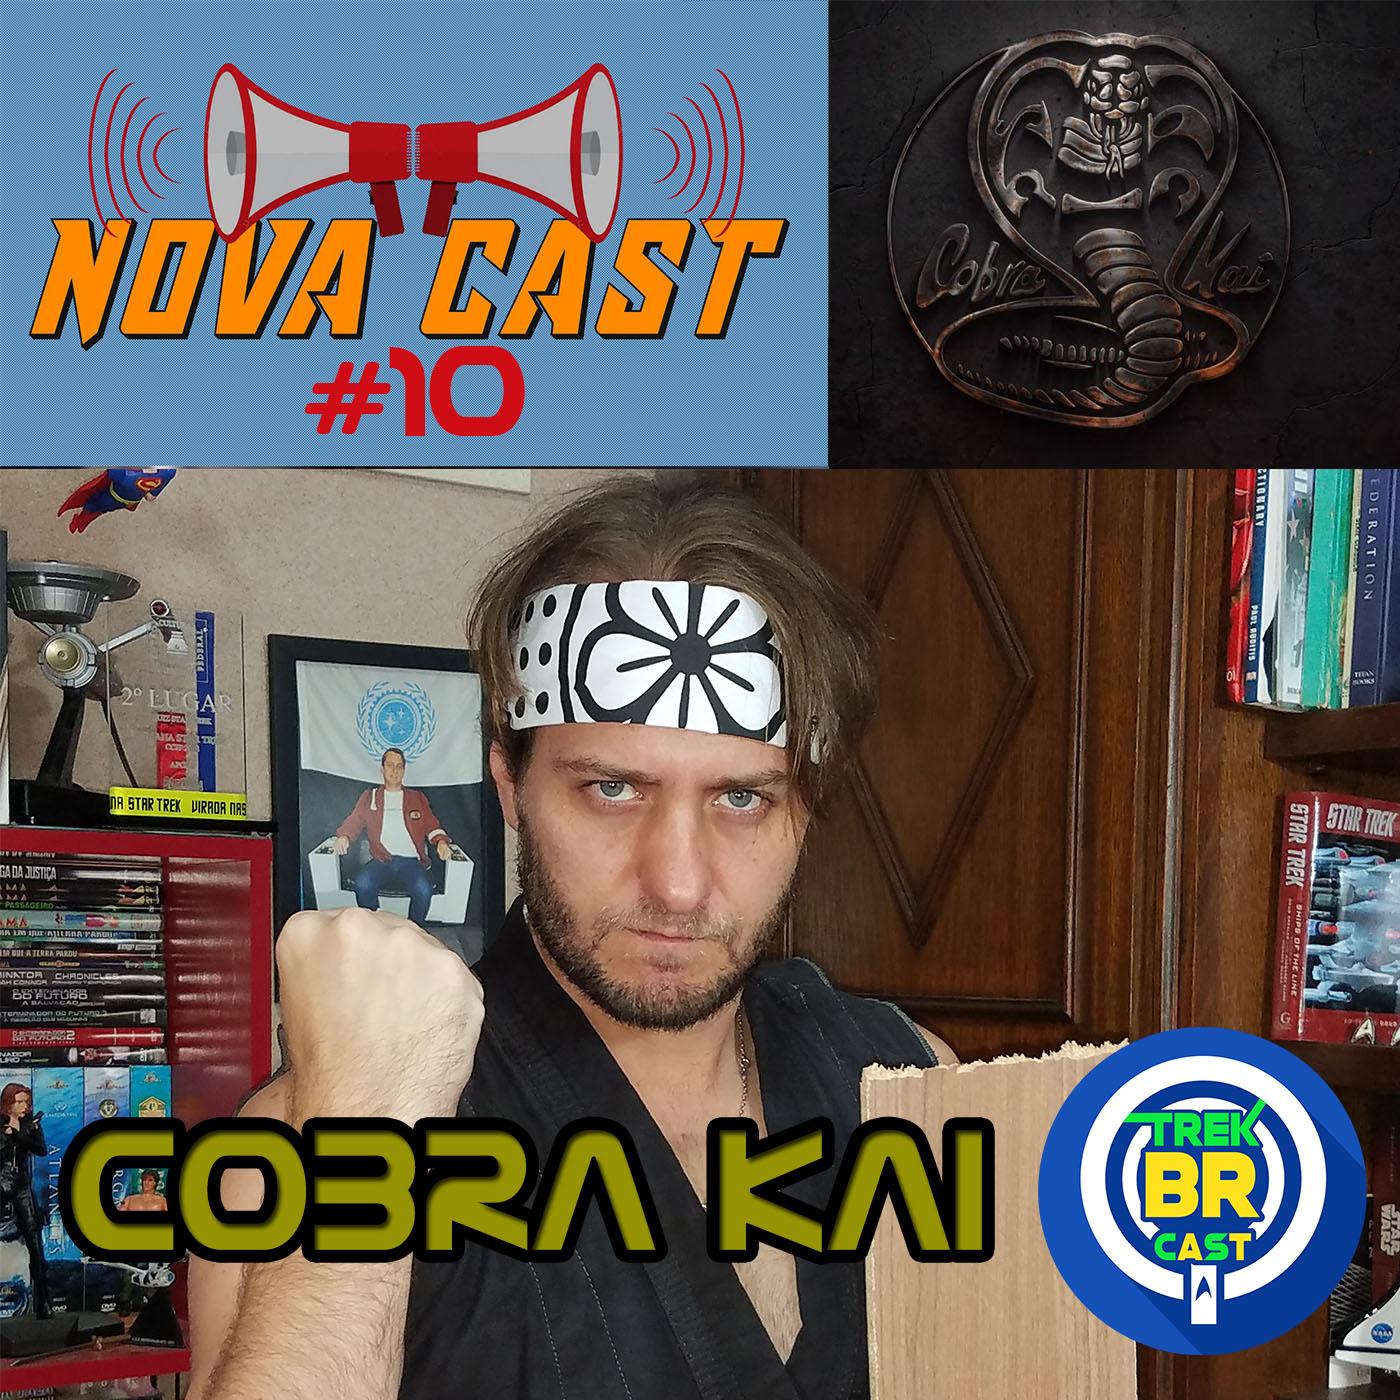 Cobra Kai - NovaCast 10